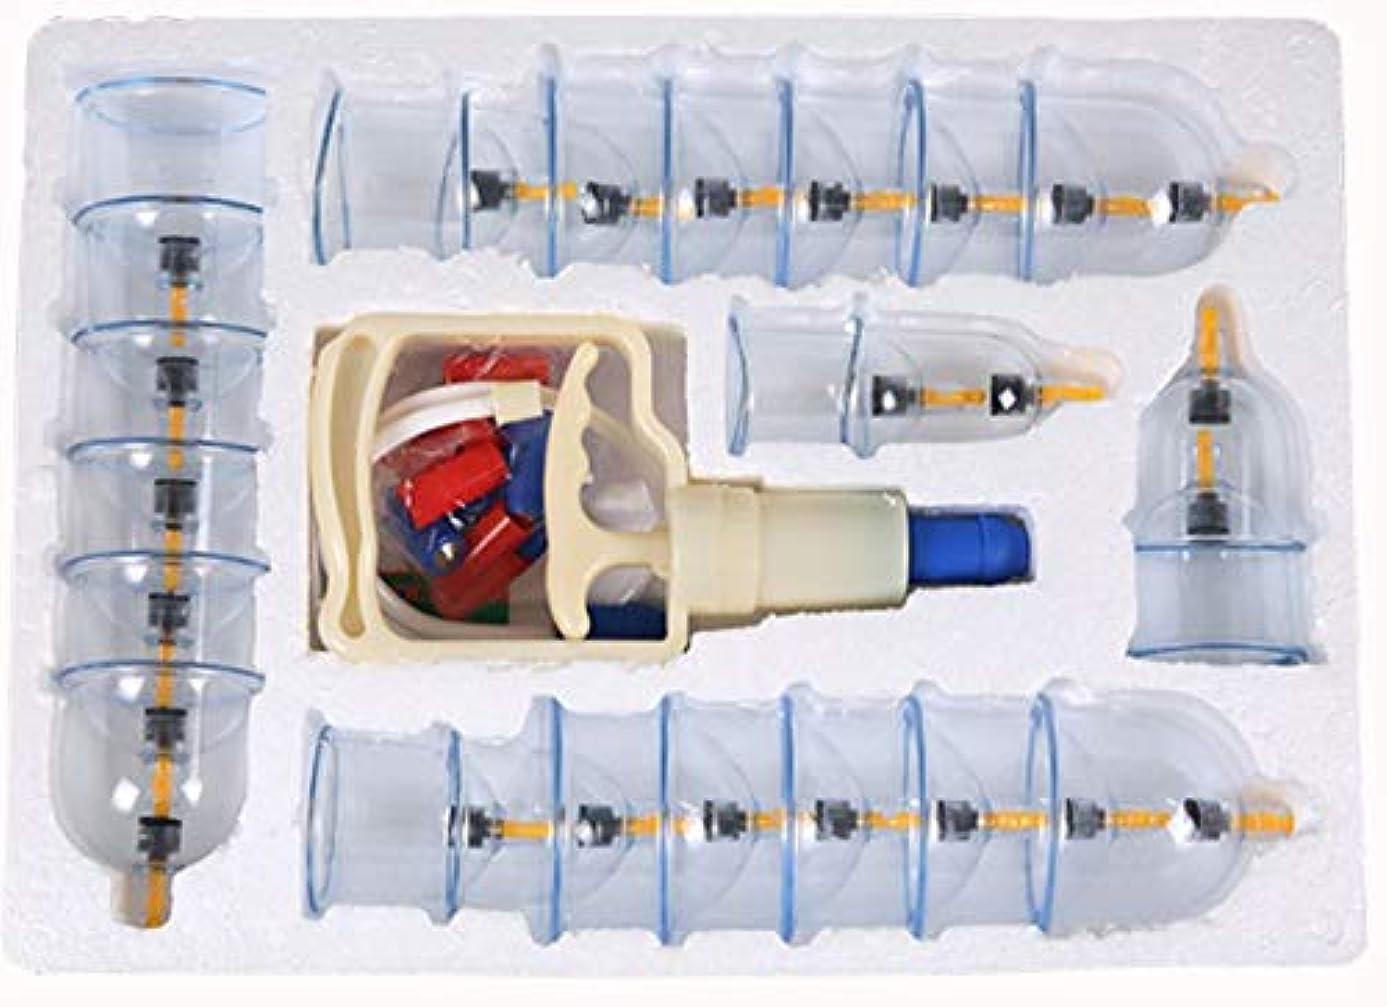 エジプト人悪性クレア(ラフマトーン) カッピング 吸い玉 大きいカップが多い 吸い玉 5種 24個セット 磁針 12個 関節用カップ付 自宅エステ